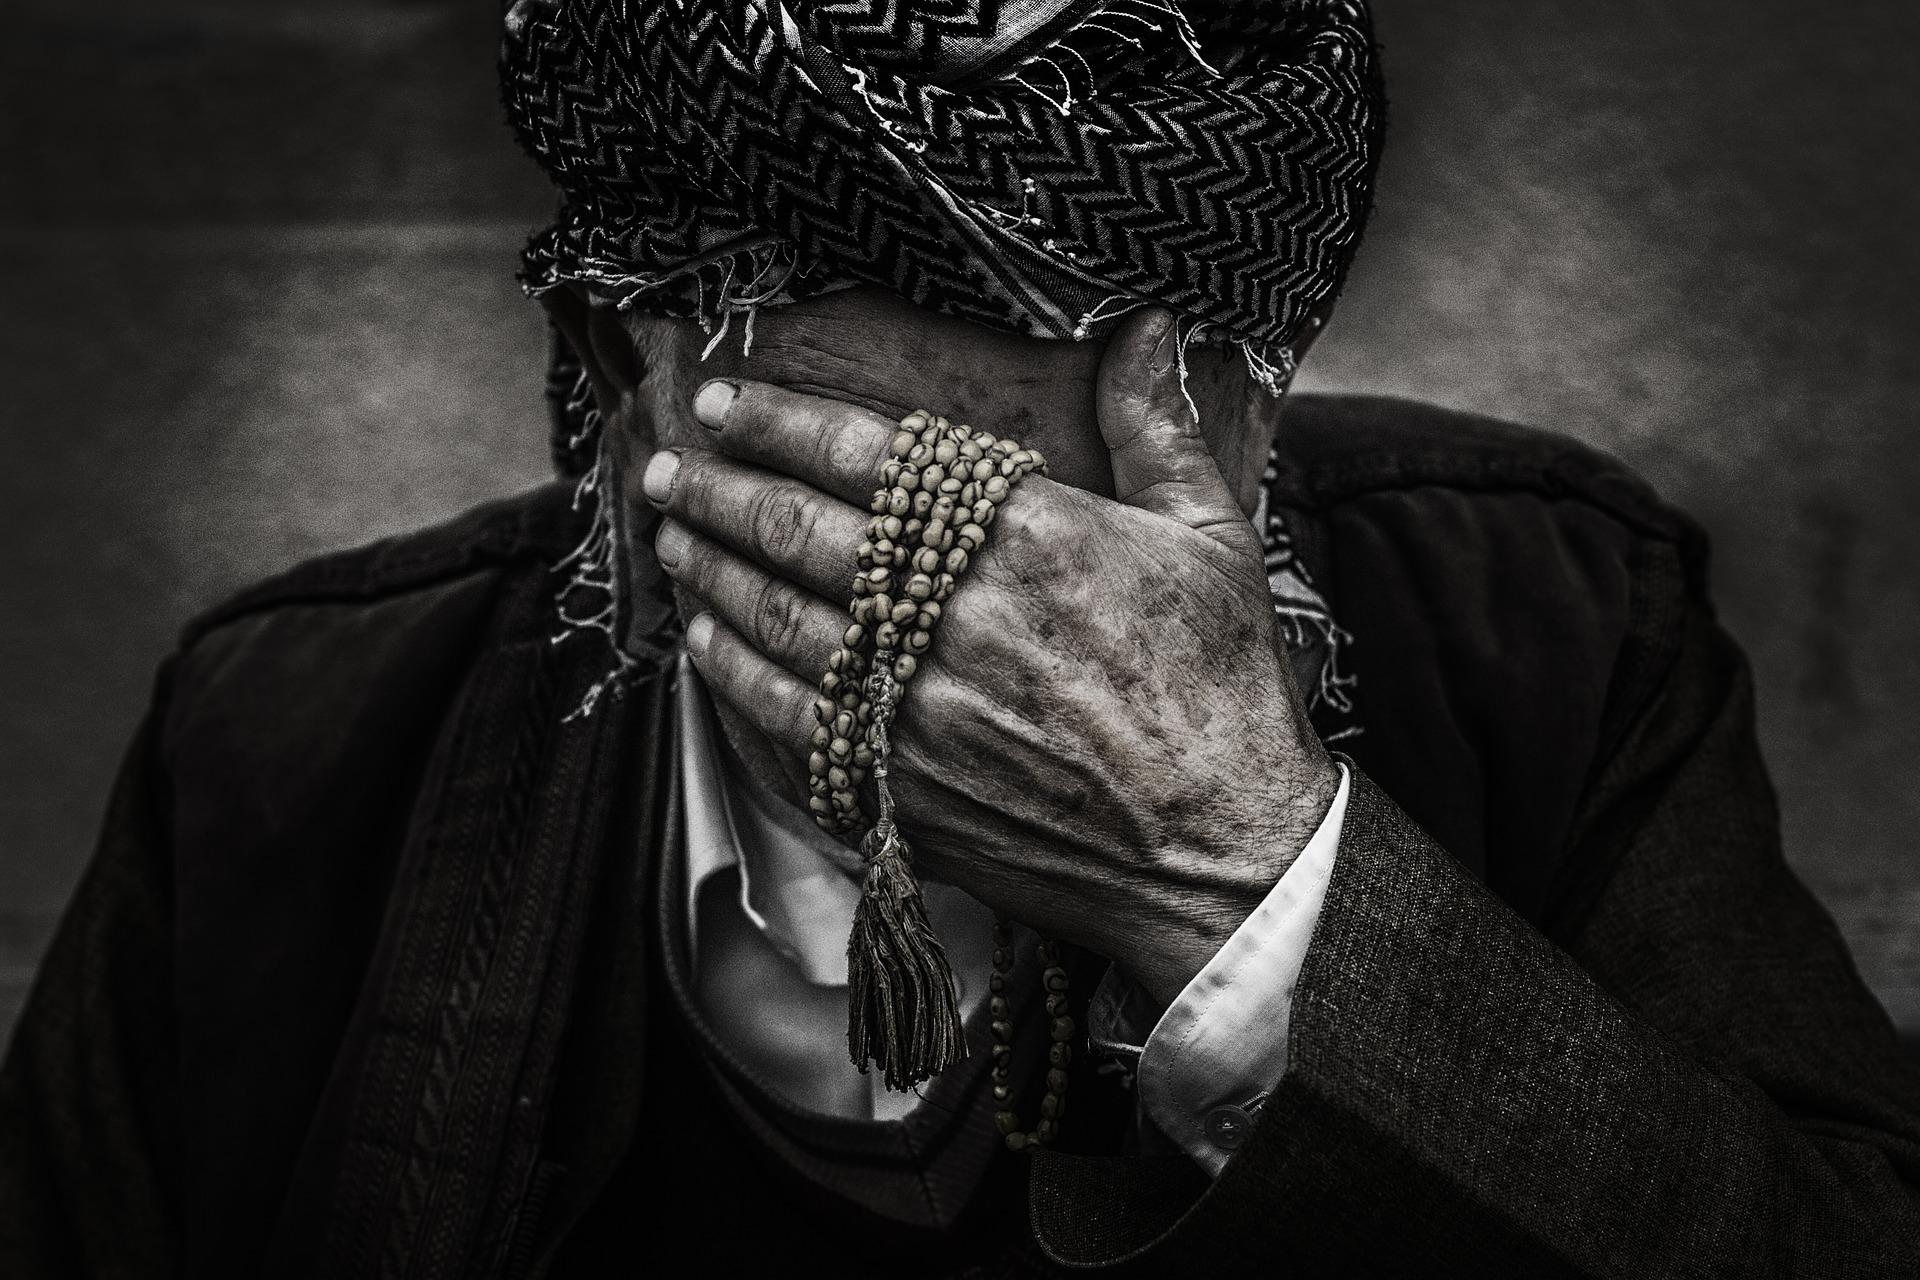 Är Gud nåderik eller bestraffande?